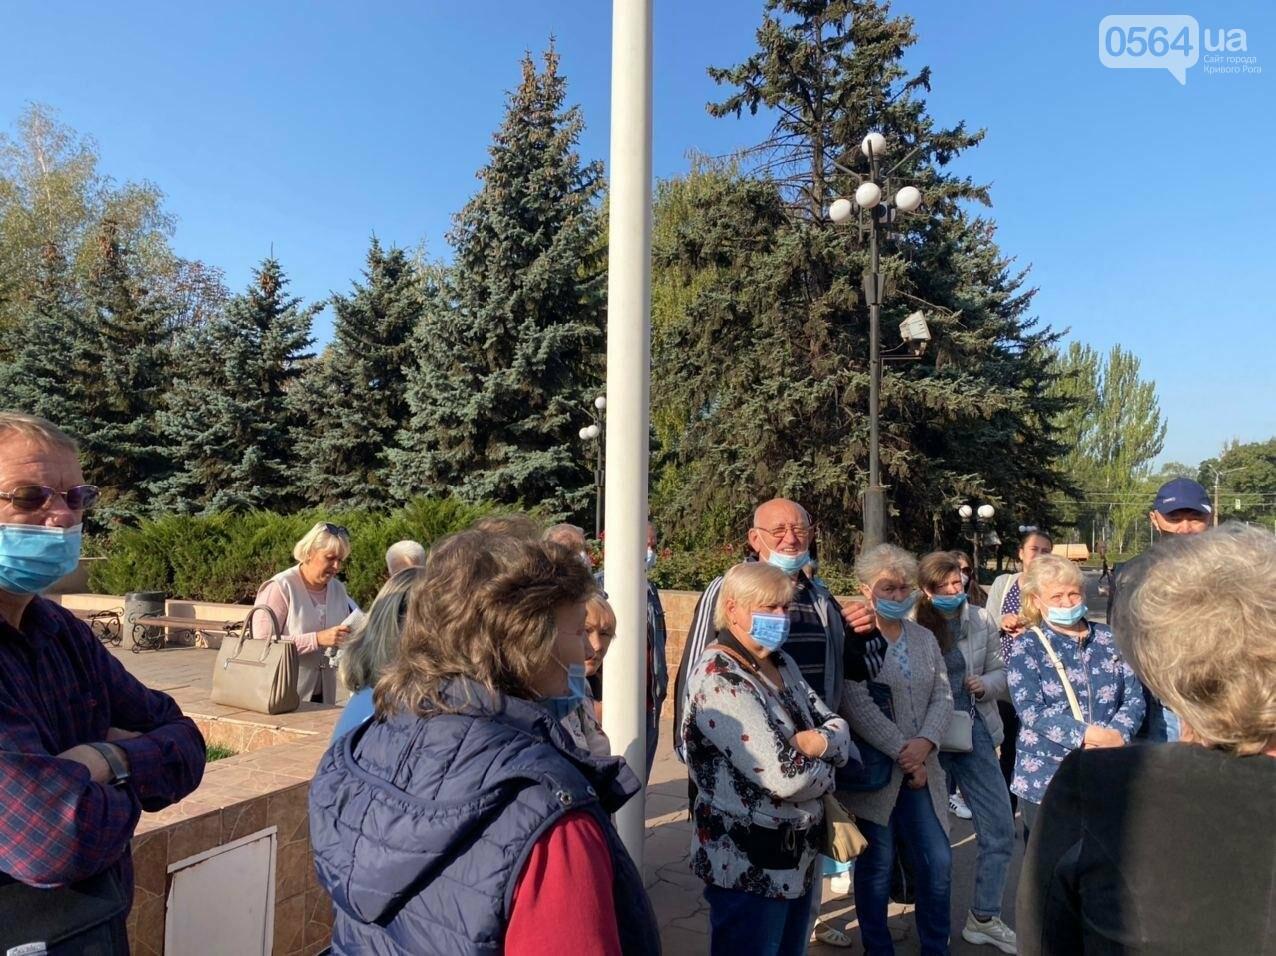 """Энергоэффективность по-криворожски: жители города  вышли на митинг протеста против действий монополиста """"Криворожская теплоцентраль"""" - ФОТ..., фото-1"""